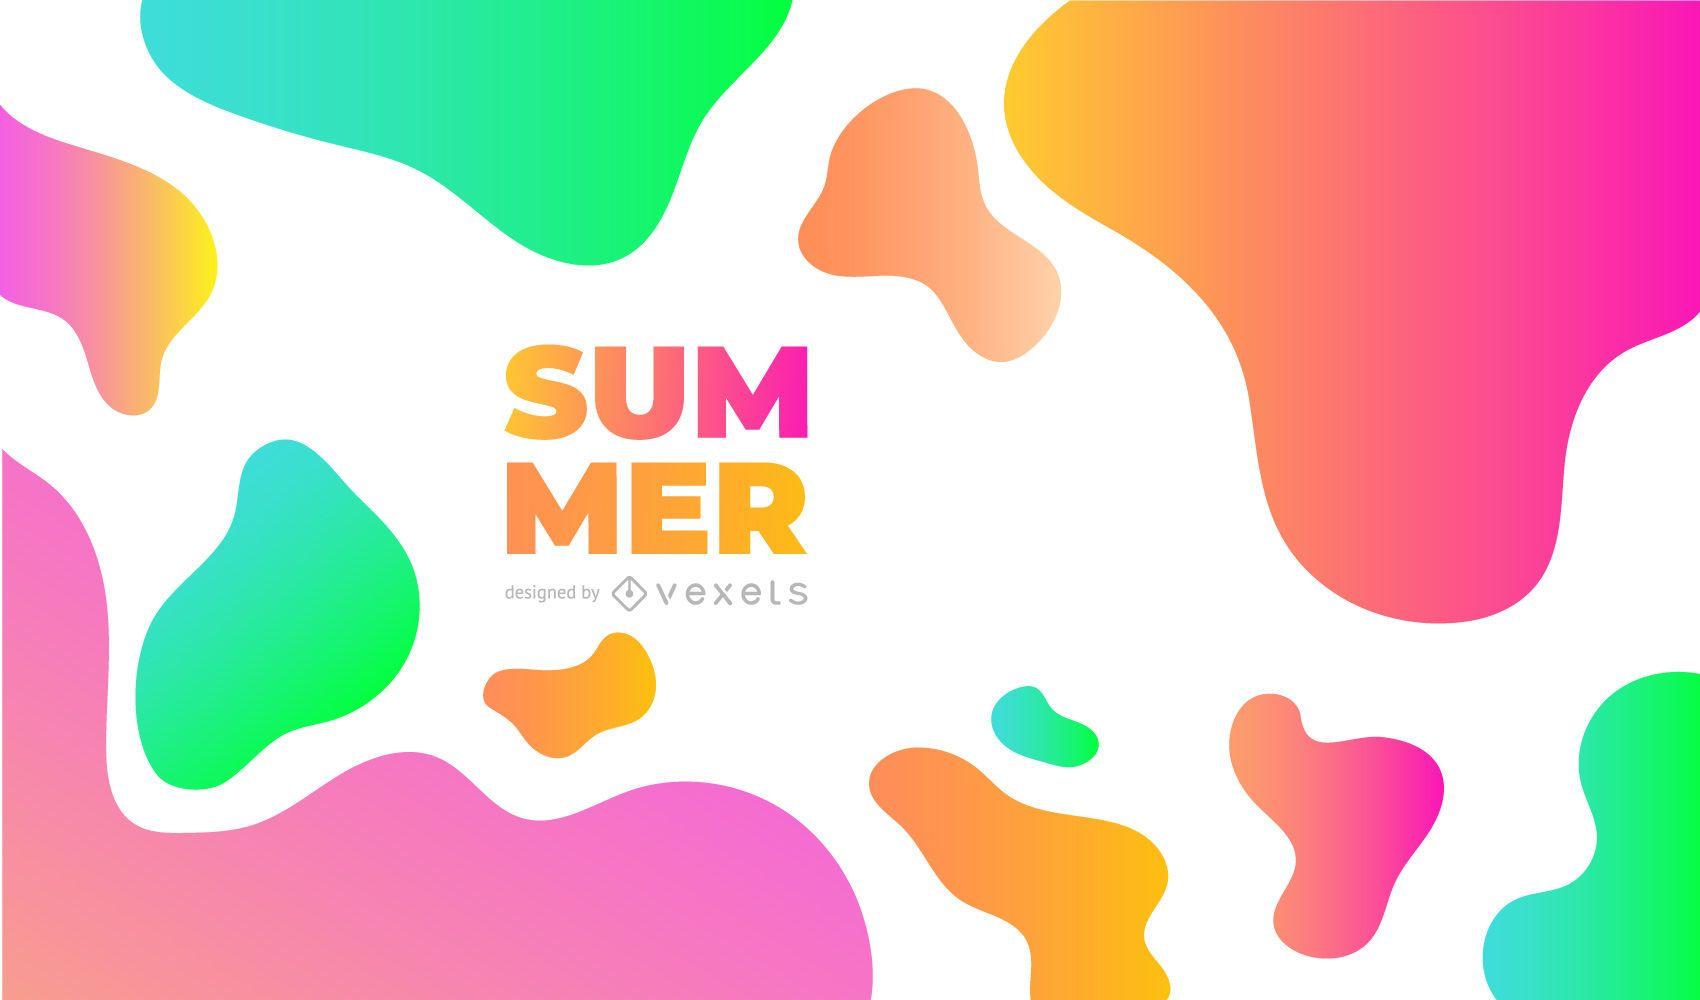 Diseño de fondo abstracto de verano